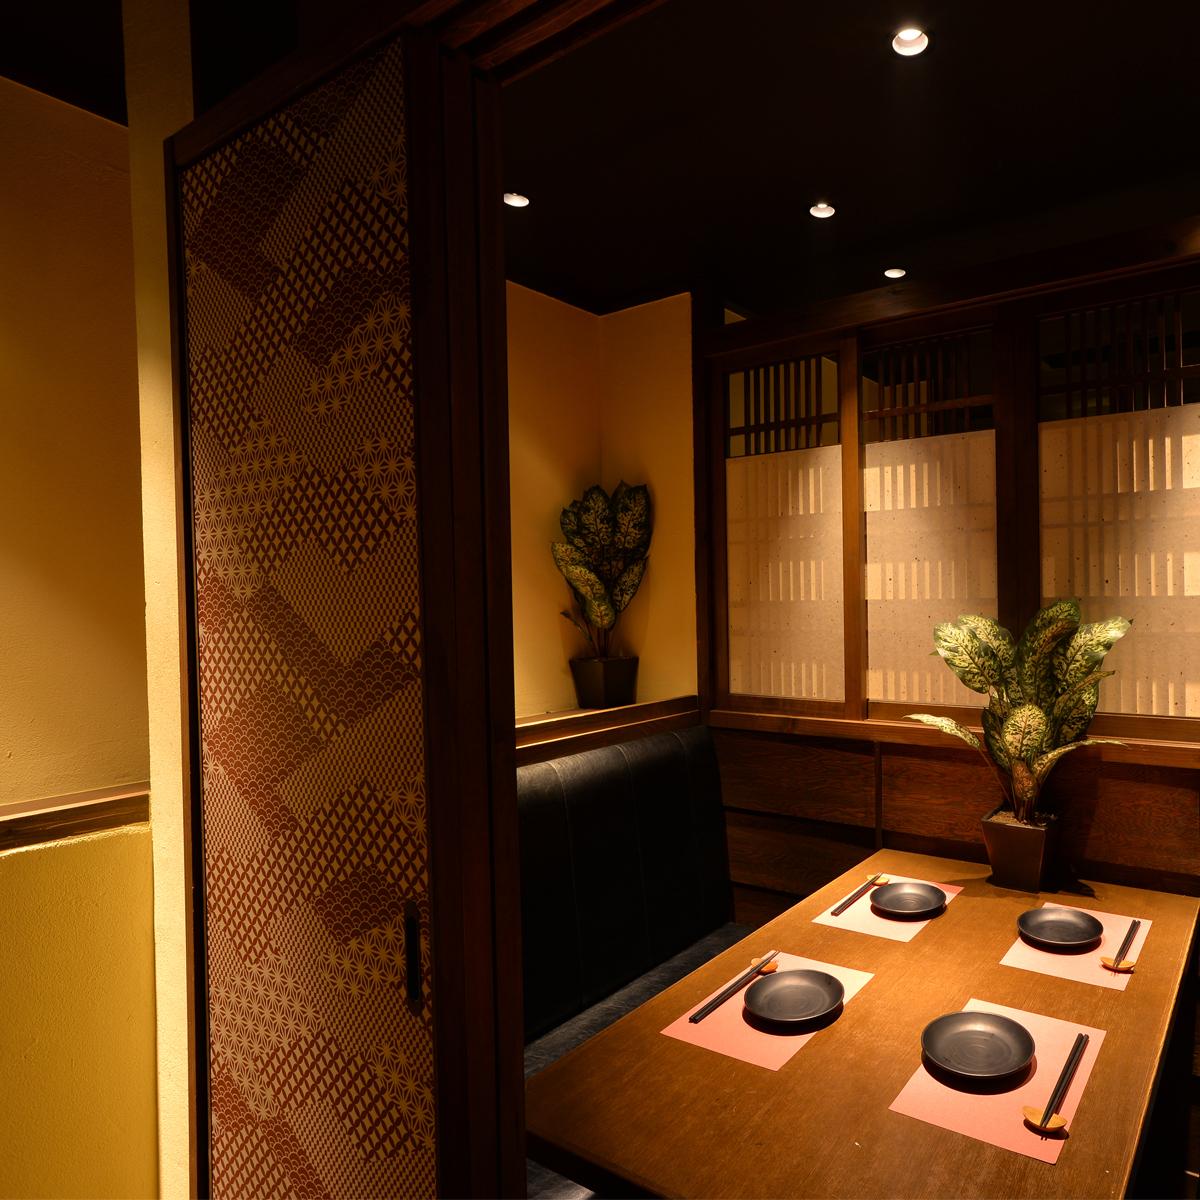 개인 실 일본식 모던 개인 실 공간 !! 소규모 모임에 ◎ 차분한 조명과 일본식 공간이 기분 좋고, 소중한 사람과의 거리가 훨씬 가까워 질 것입니다.점은 2 명에서 최대 40 명까지 이용 가능.[천문관 · 주점 · 후퇴 · 개인 실 · 향토 요리]